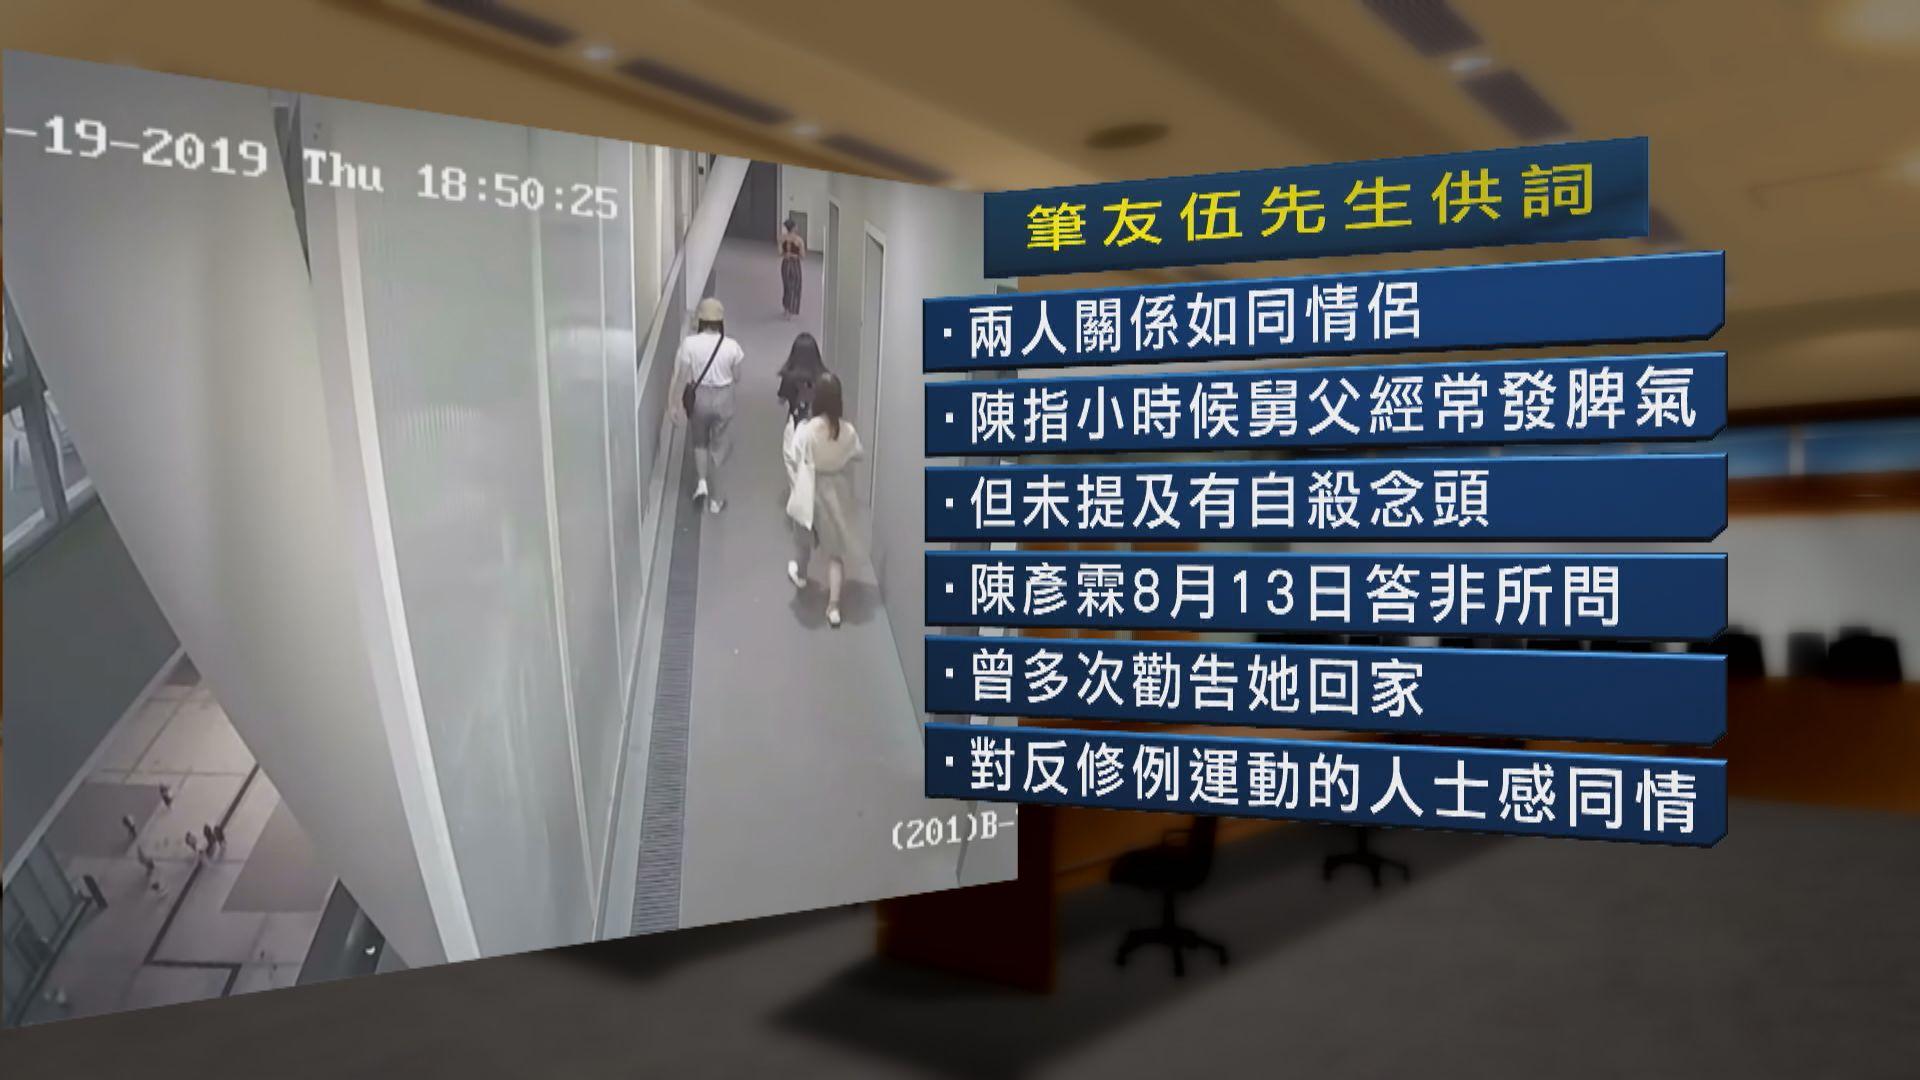 陳彥霖筆友:陳彥霖曾錯過探訪時間整晚睡在懲教所外